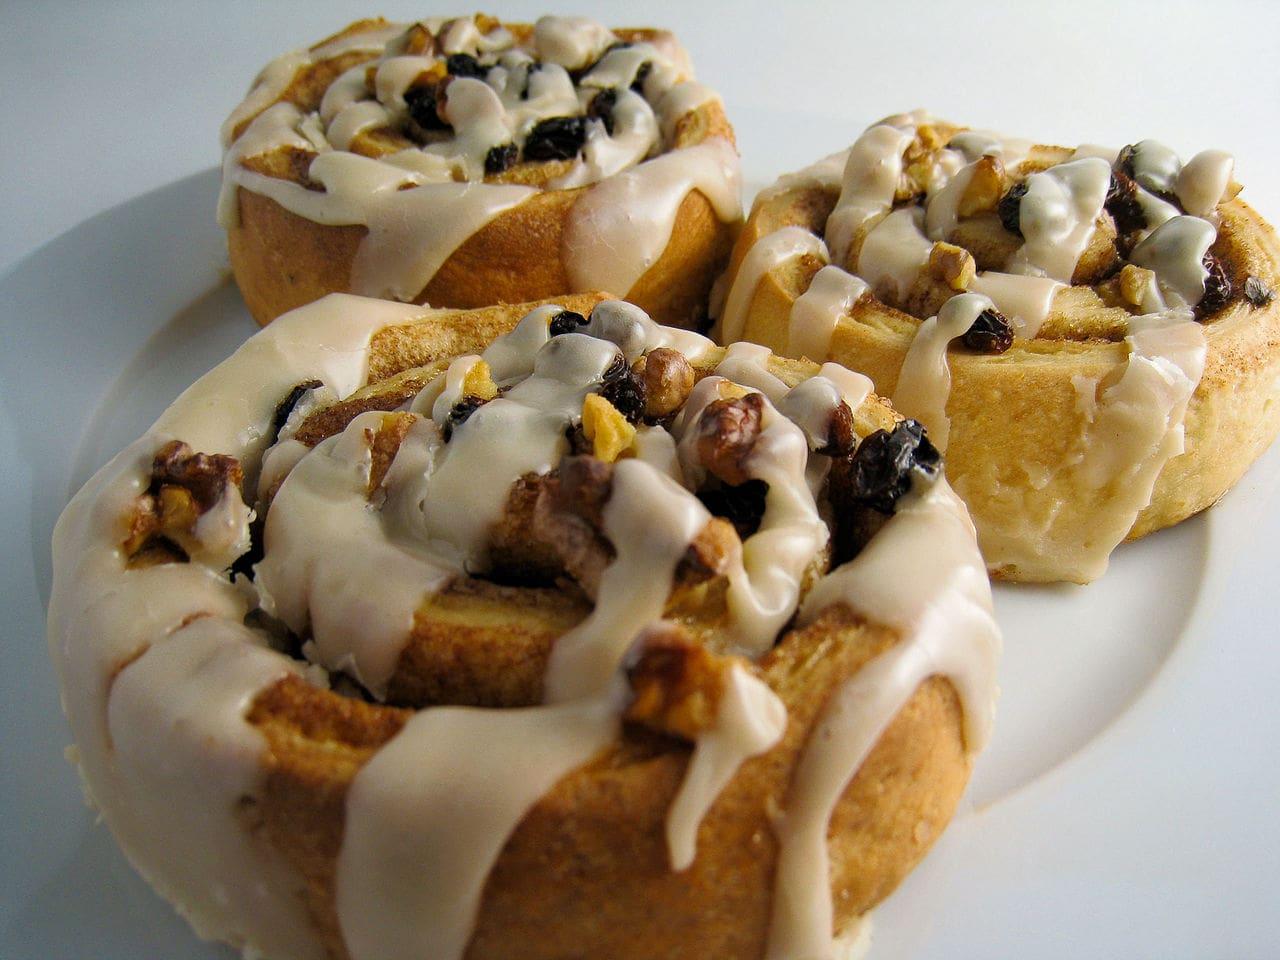 Vegan cinnamon and pecan pastries